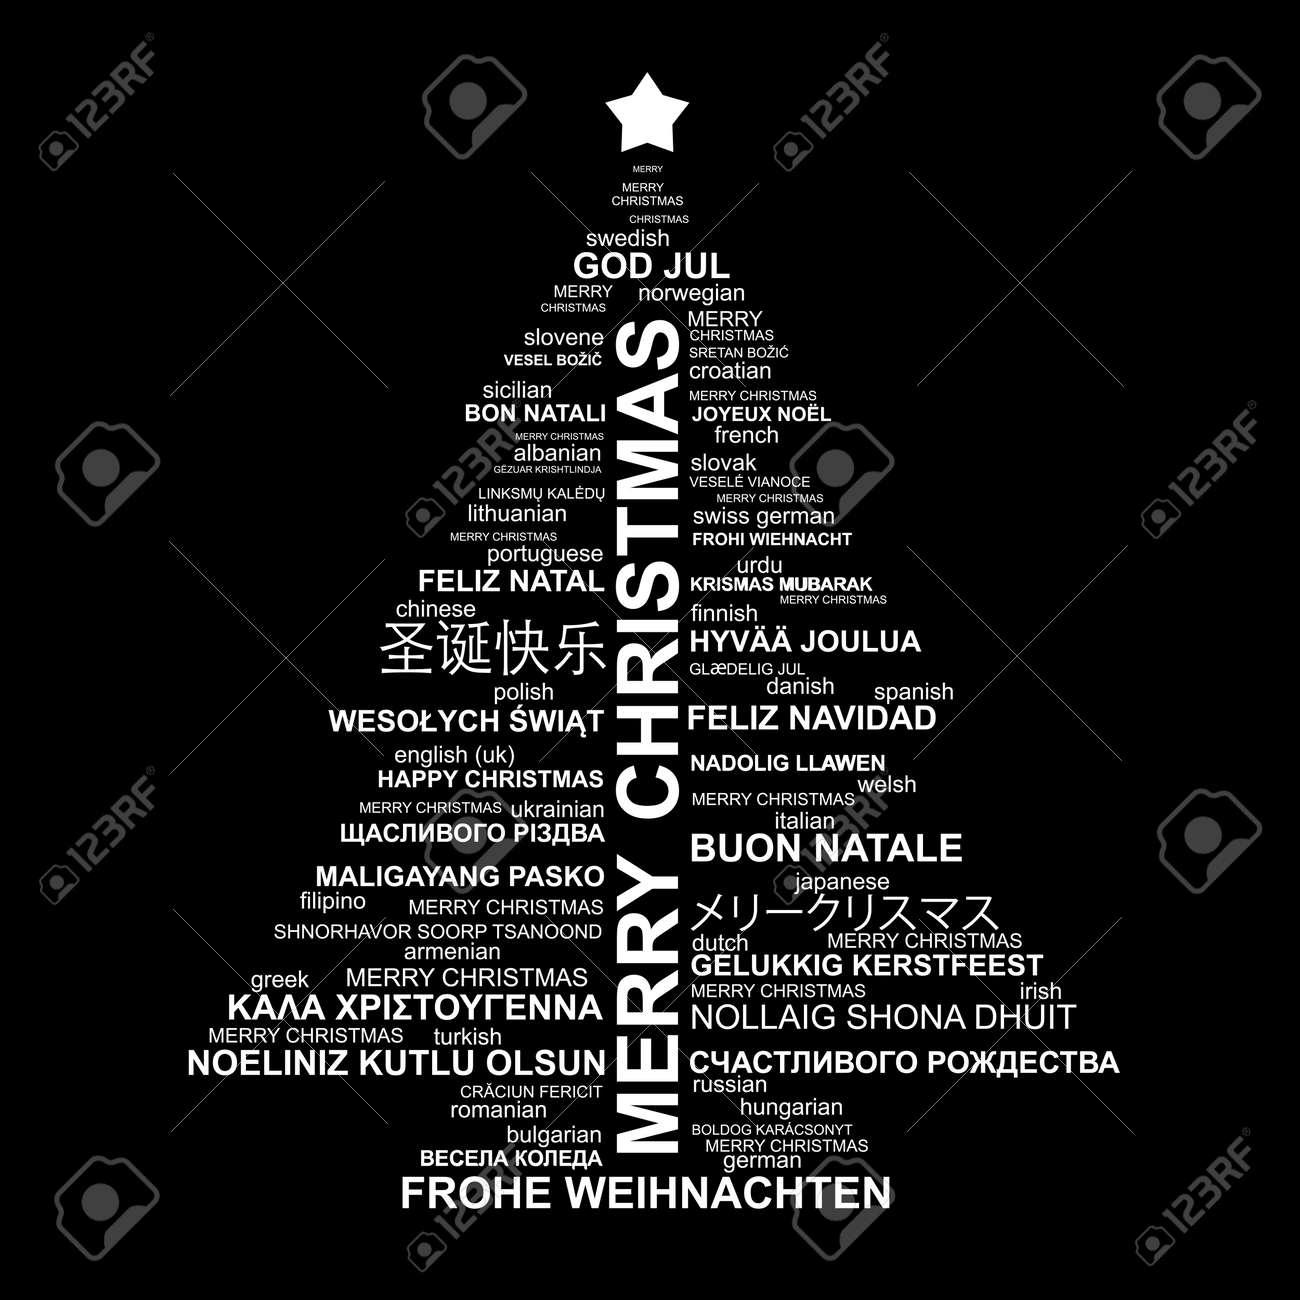 Frohe Weihnachten Auf Allen Sprachen.Stock Photo